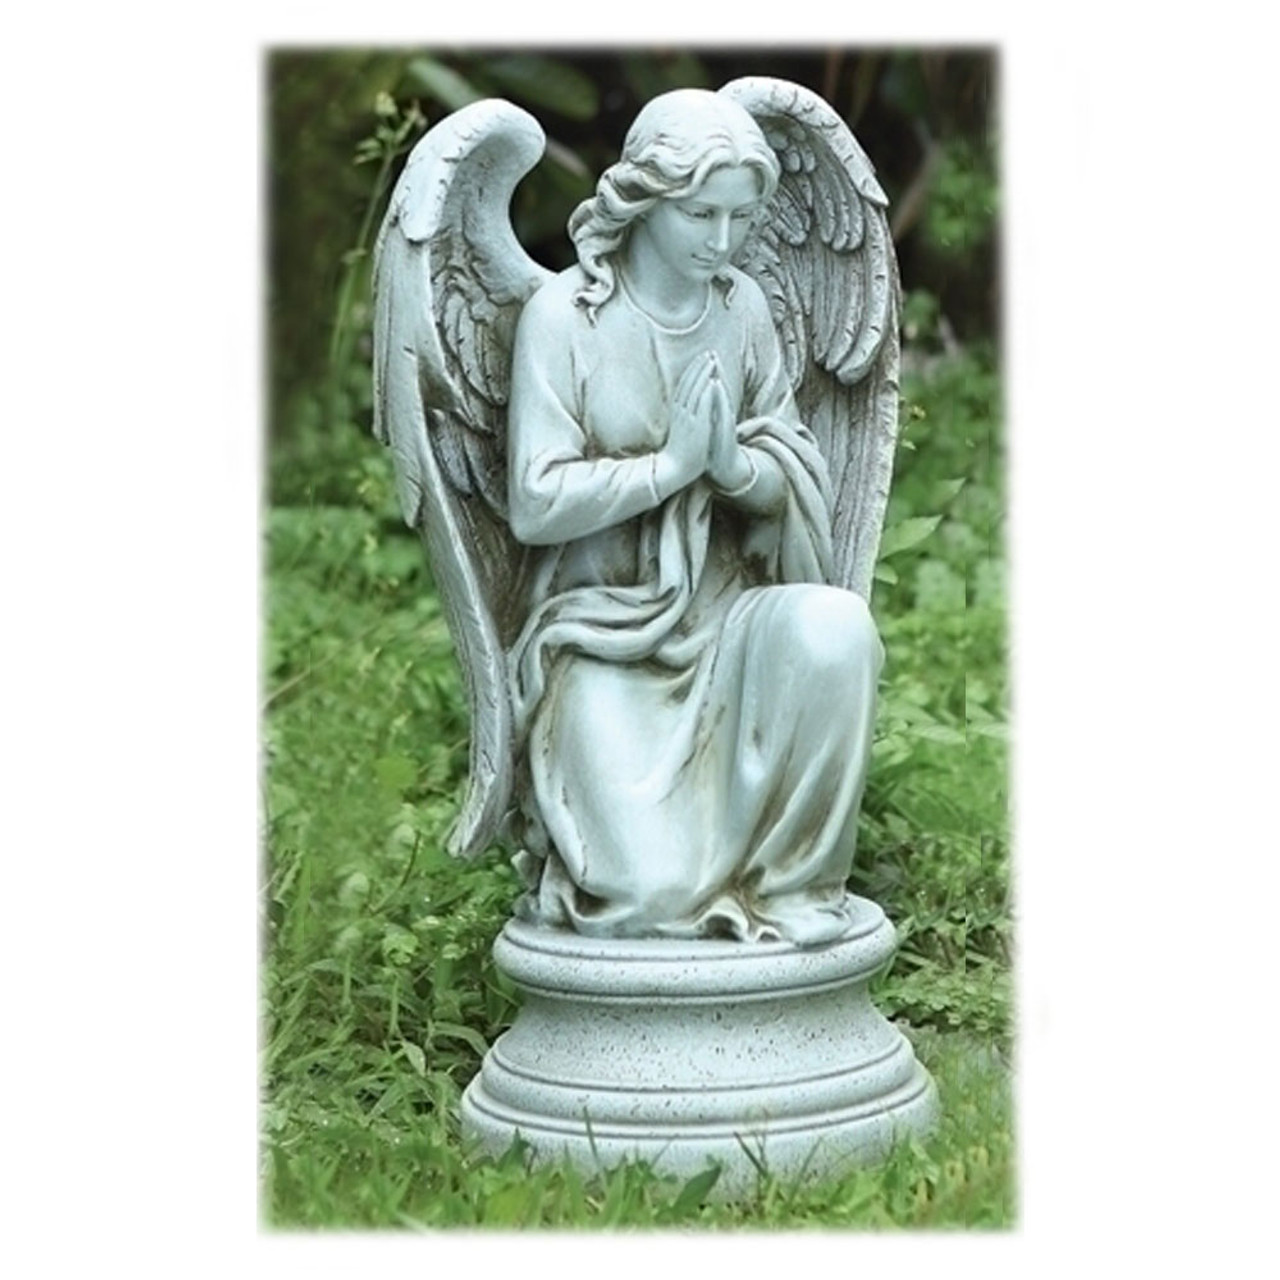 Praying Angel Garden Statue 18IN